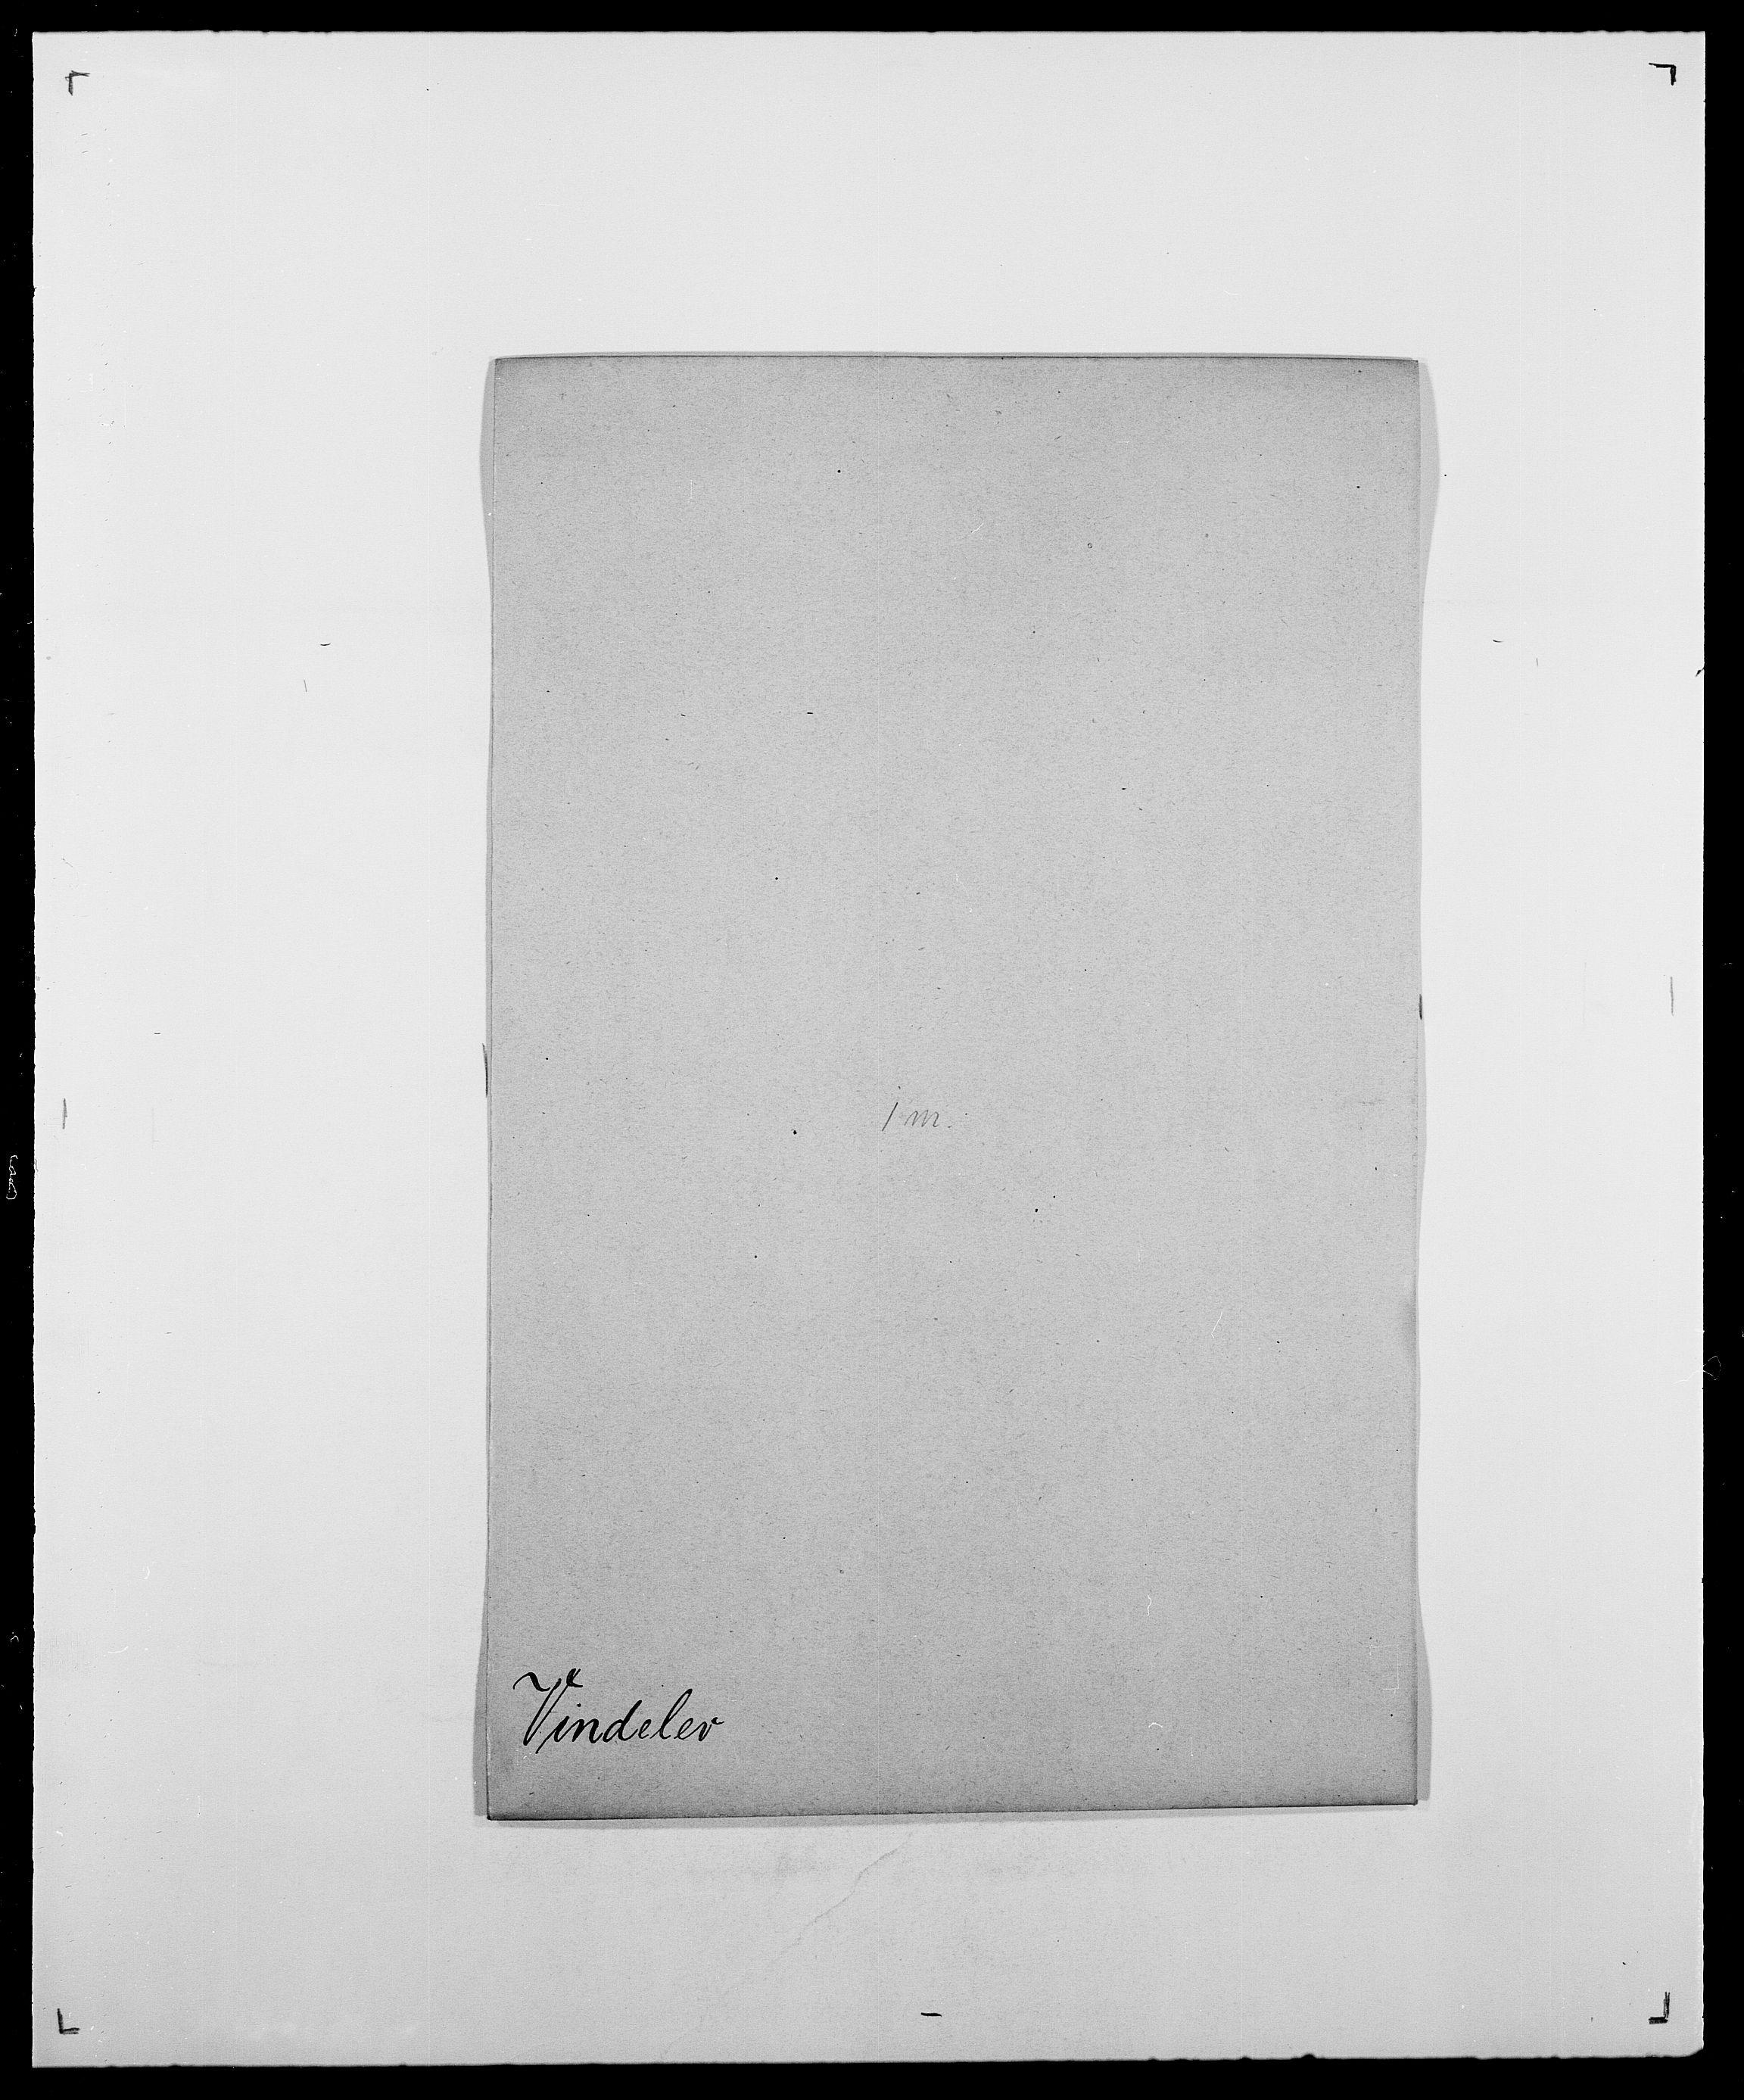 SAO, Delgobe, Charles Antoine - samling, D/Da/L0042: Vilain - Wulf, Wulff, se også Wolf, s. 147